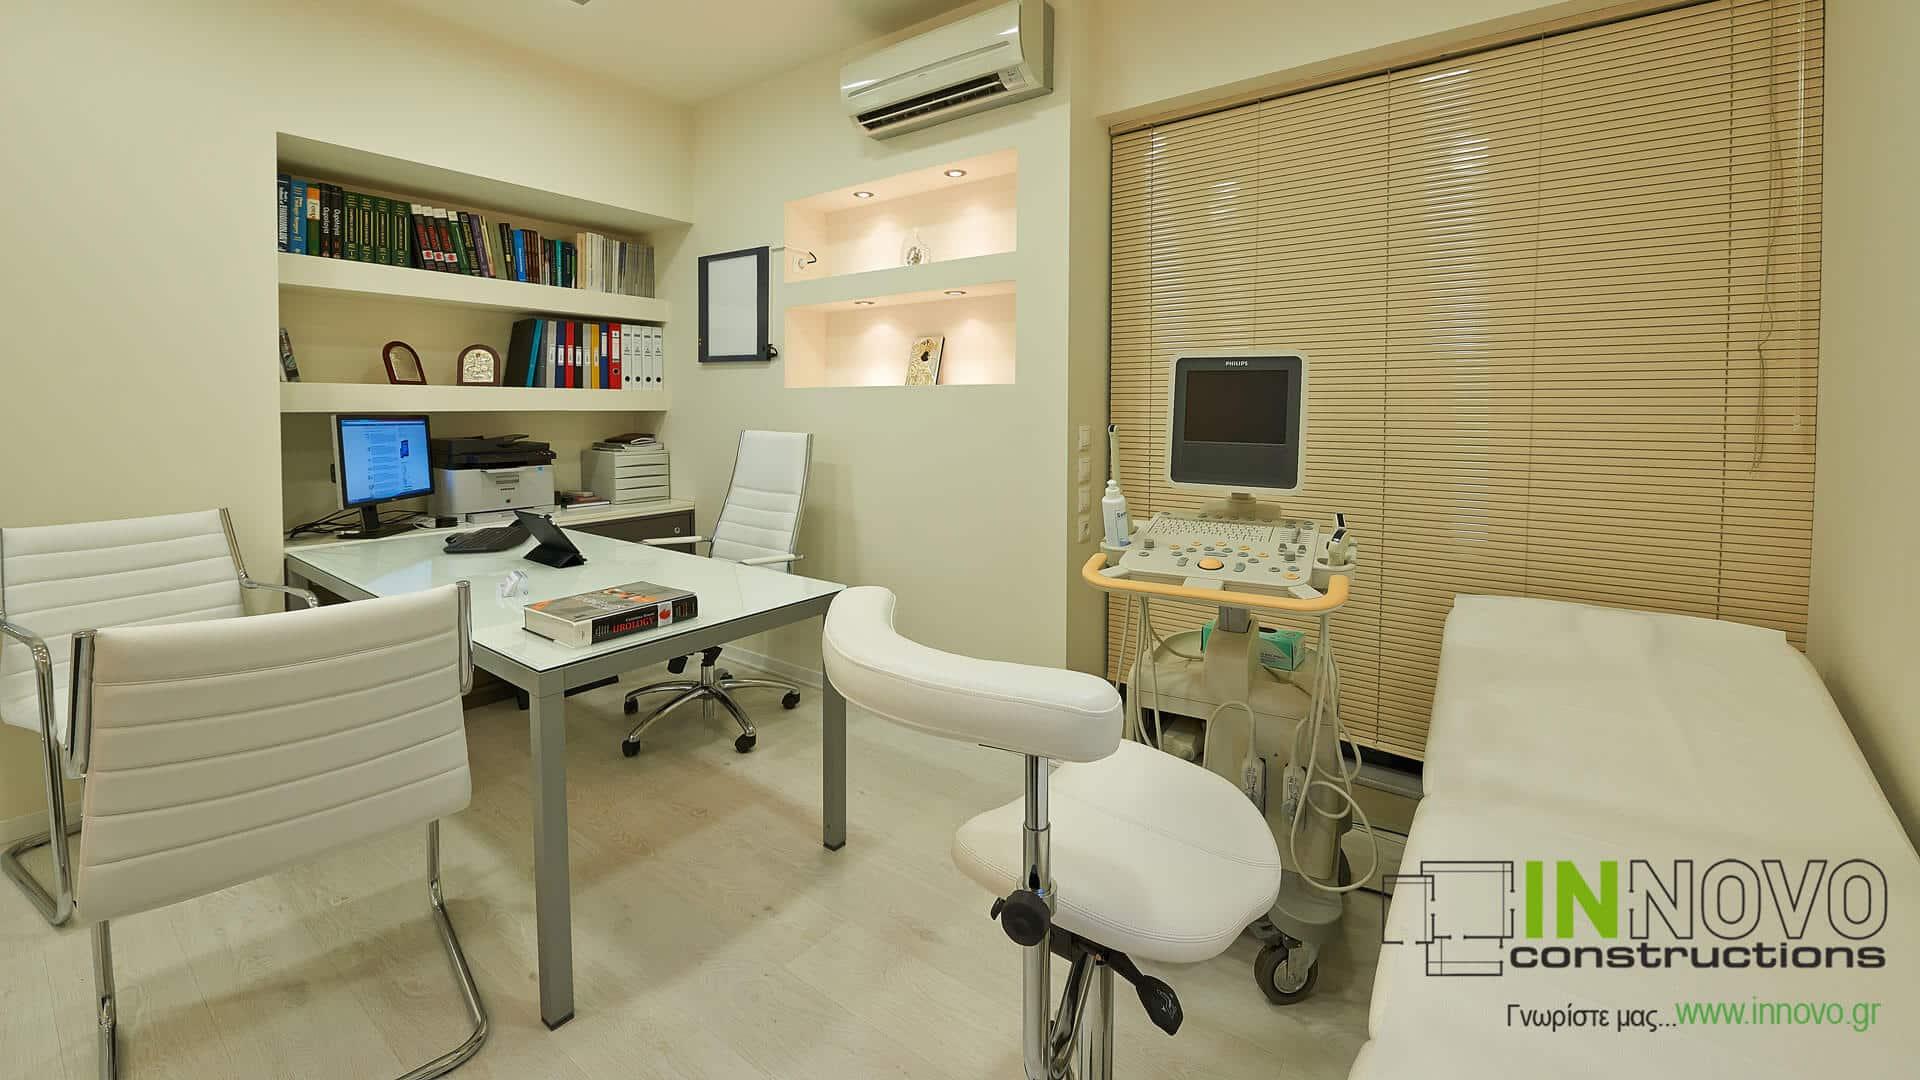 Σχεδιασμός και διακόσμηση Ουρολογικού ιατρείου στη Δροσιά